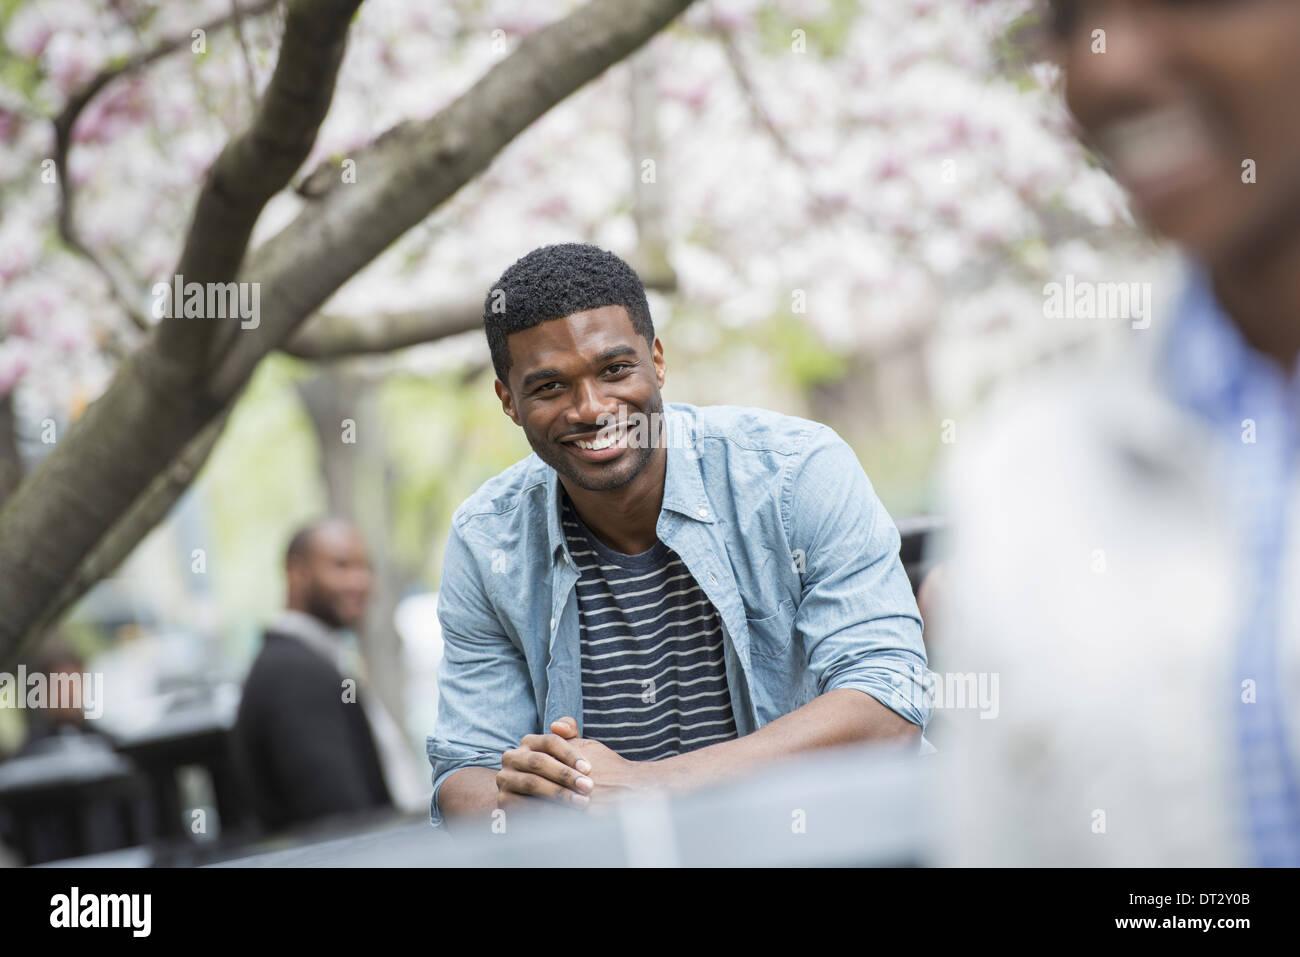 Ein Mann sitzt an einem Tisch Lächeln einer Frau im Vordergrund Stockbild